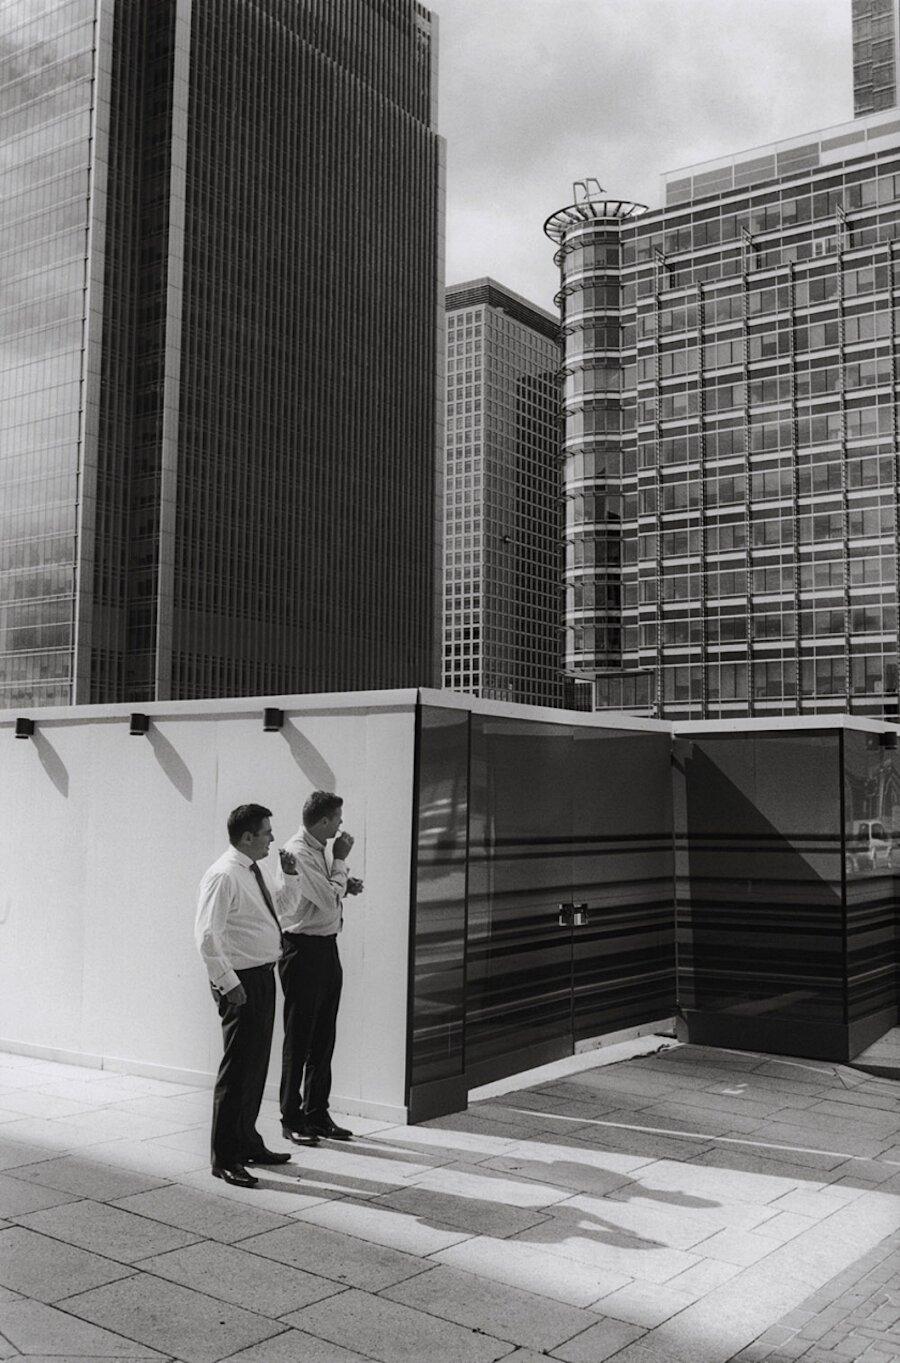 alienazione-impiegati-lavoro-ufficio-londra-fotografia-nicholas-sack-5